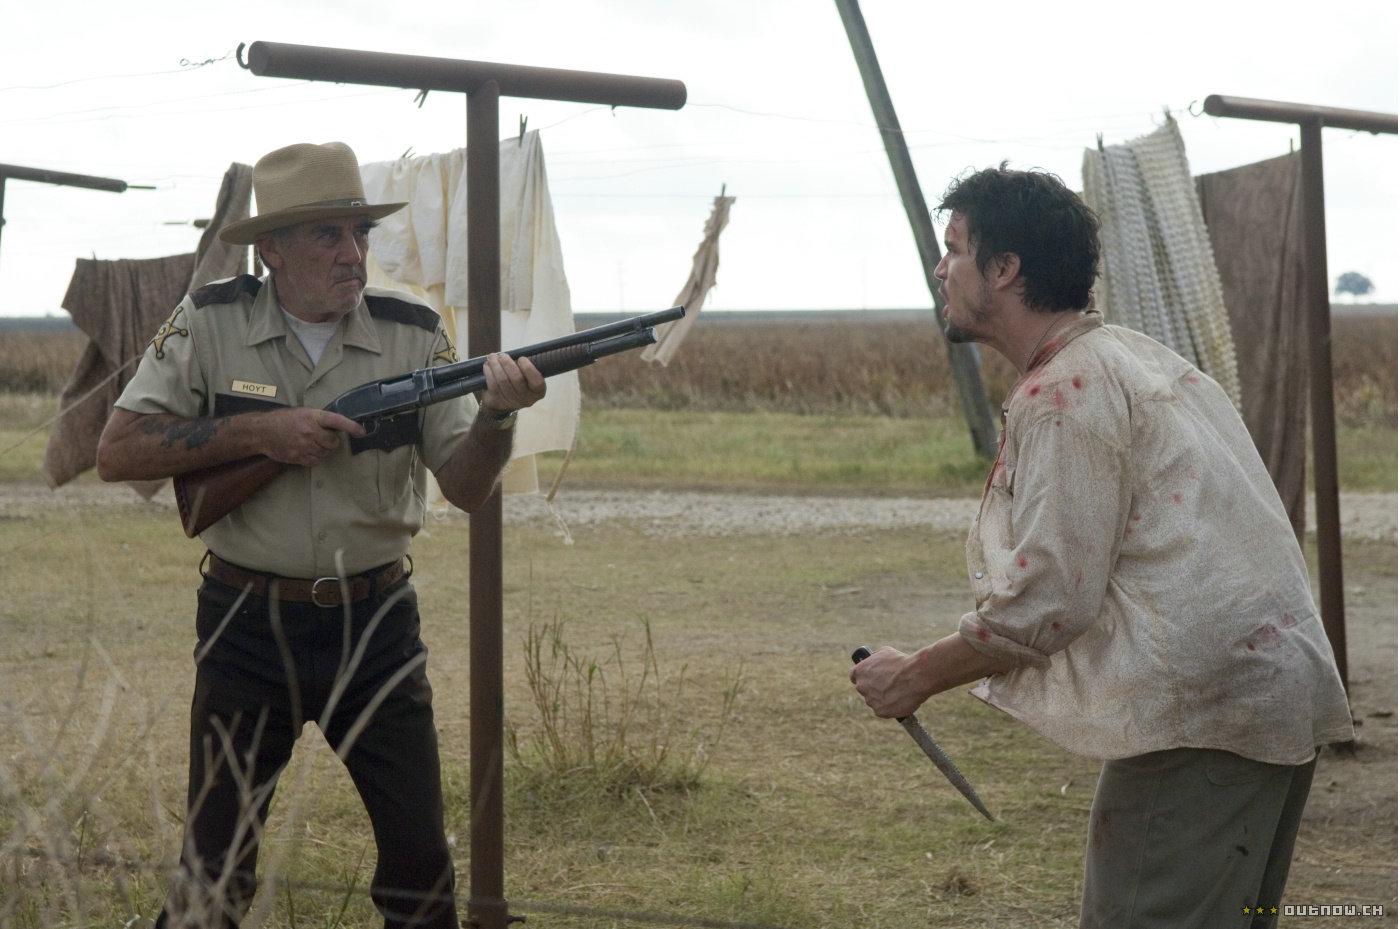 кадры из фильма Техасская резня бензопилой: Начало Мэтт Бомер,